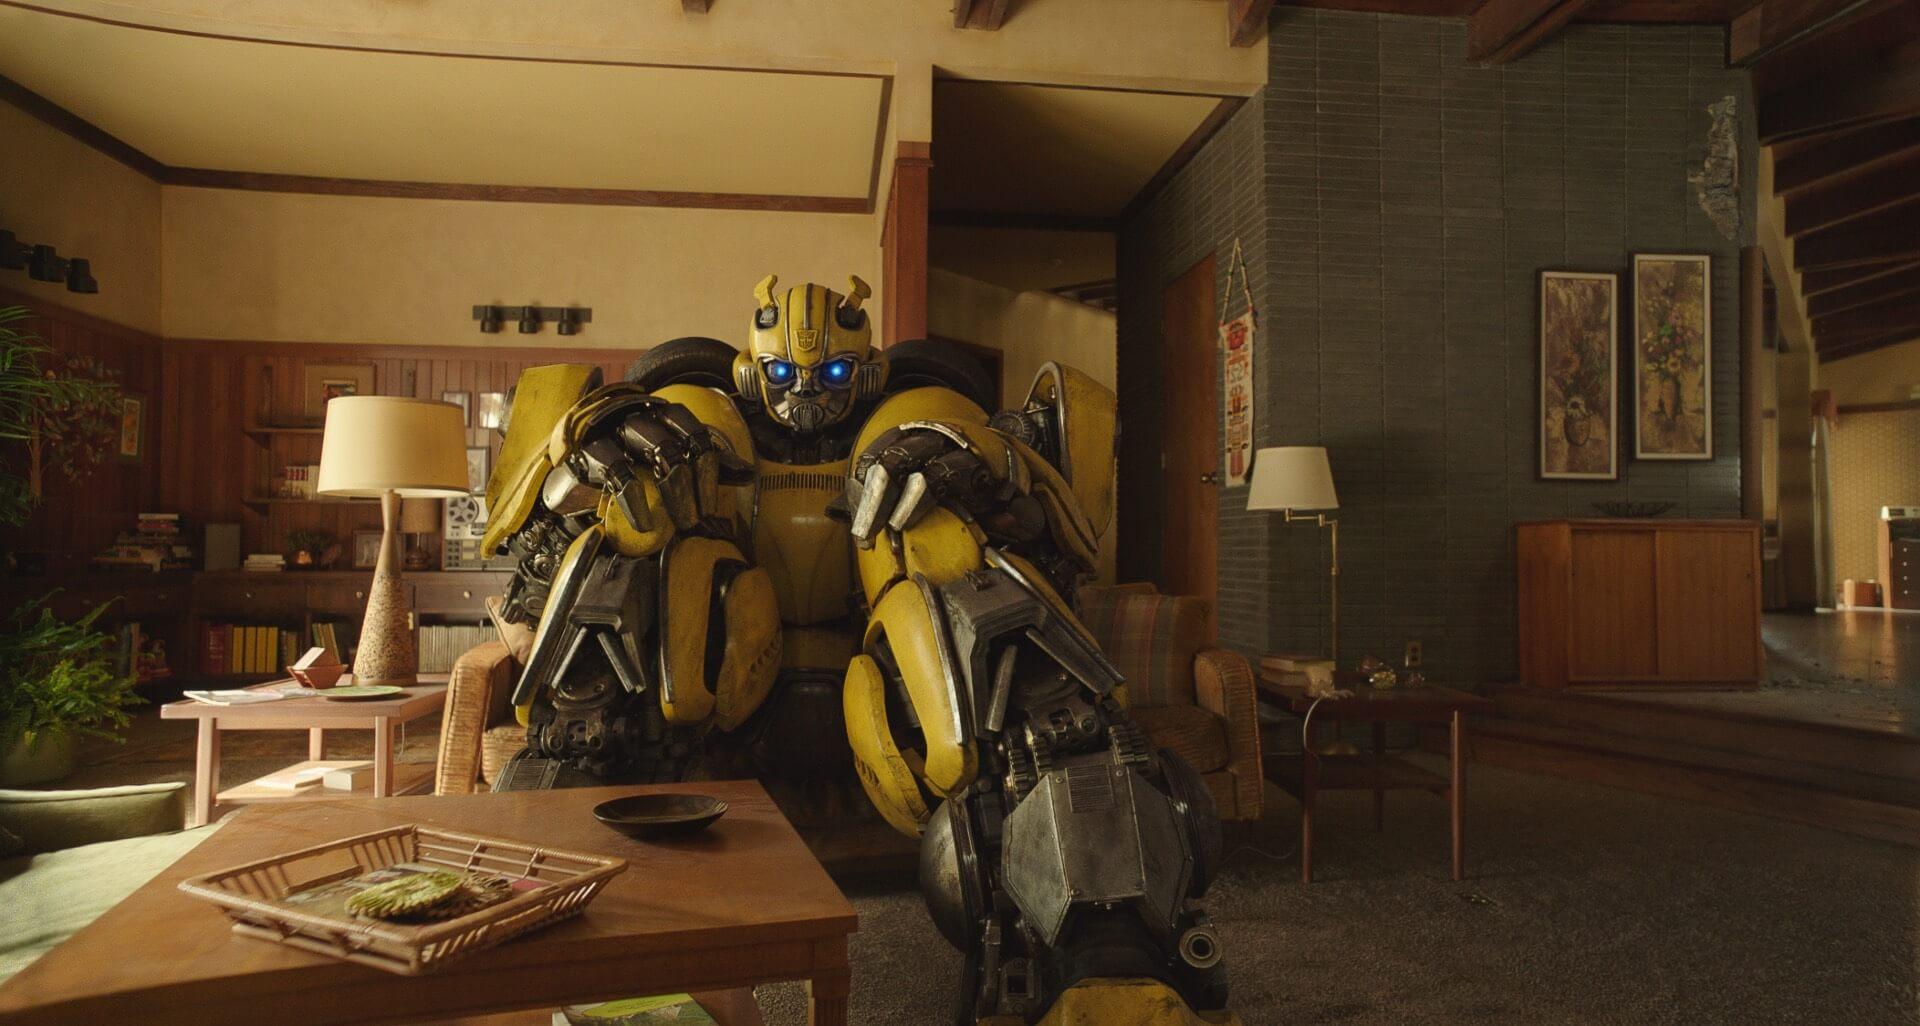 為躲避「江西男」的追捕,查莉將大黃蜂藏在自家,並成為情感深厚的夥伴。